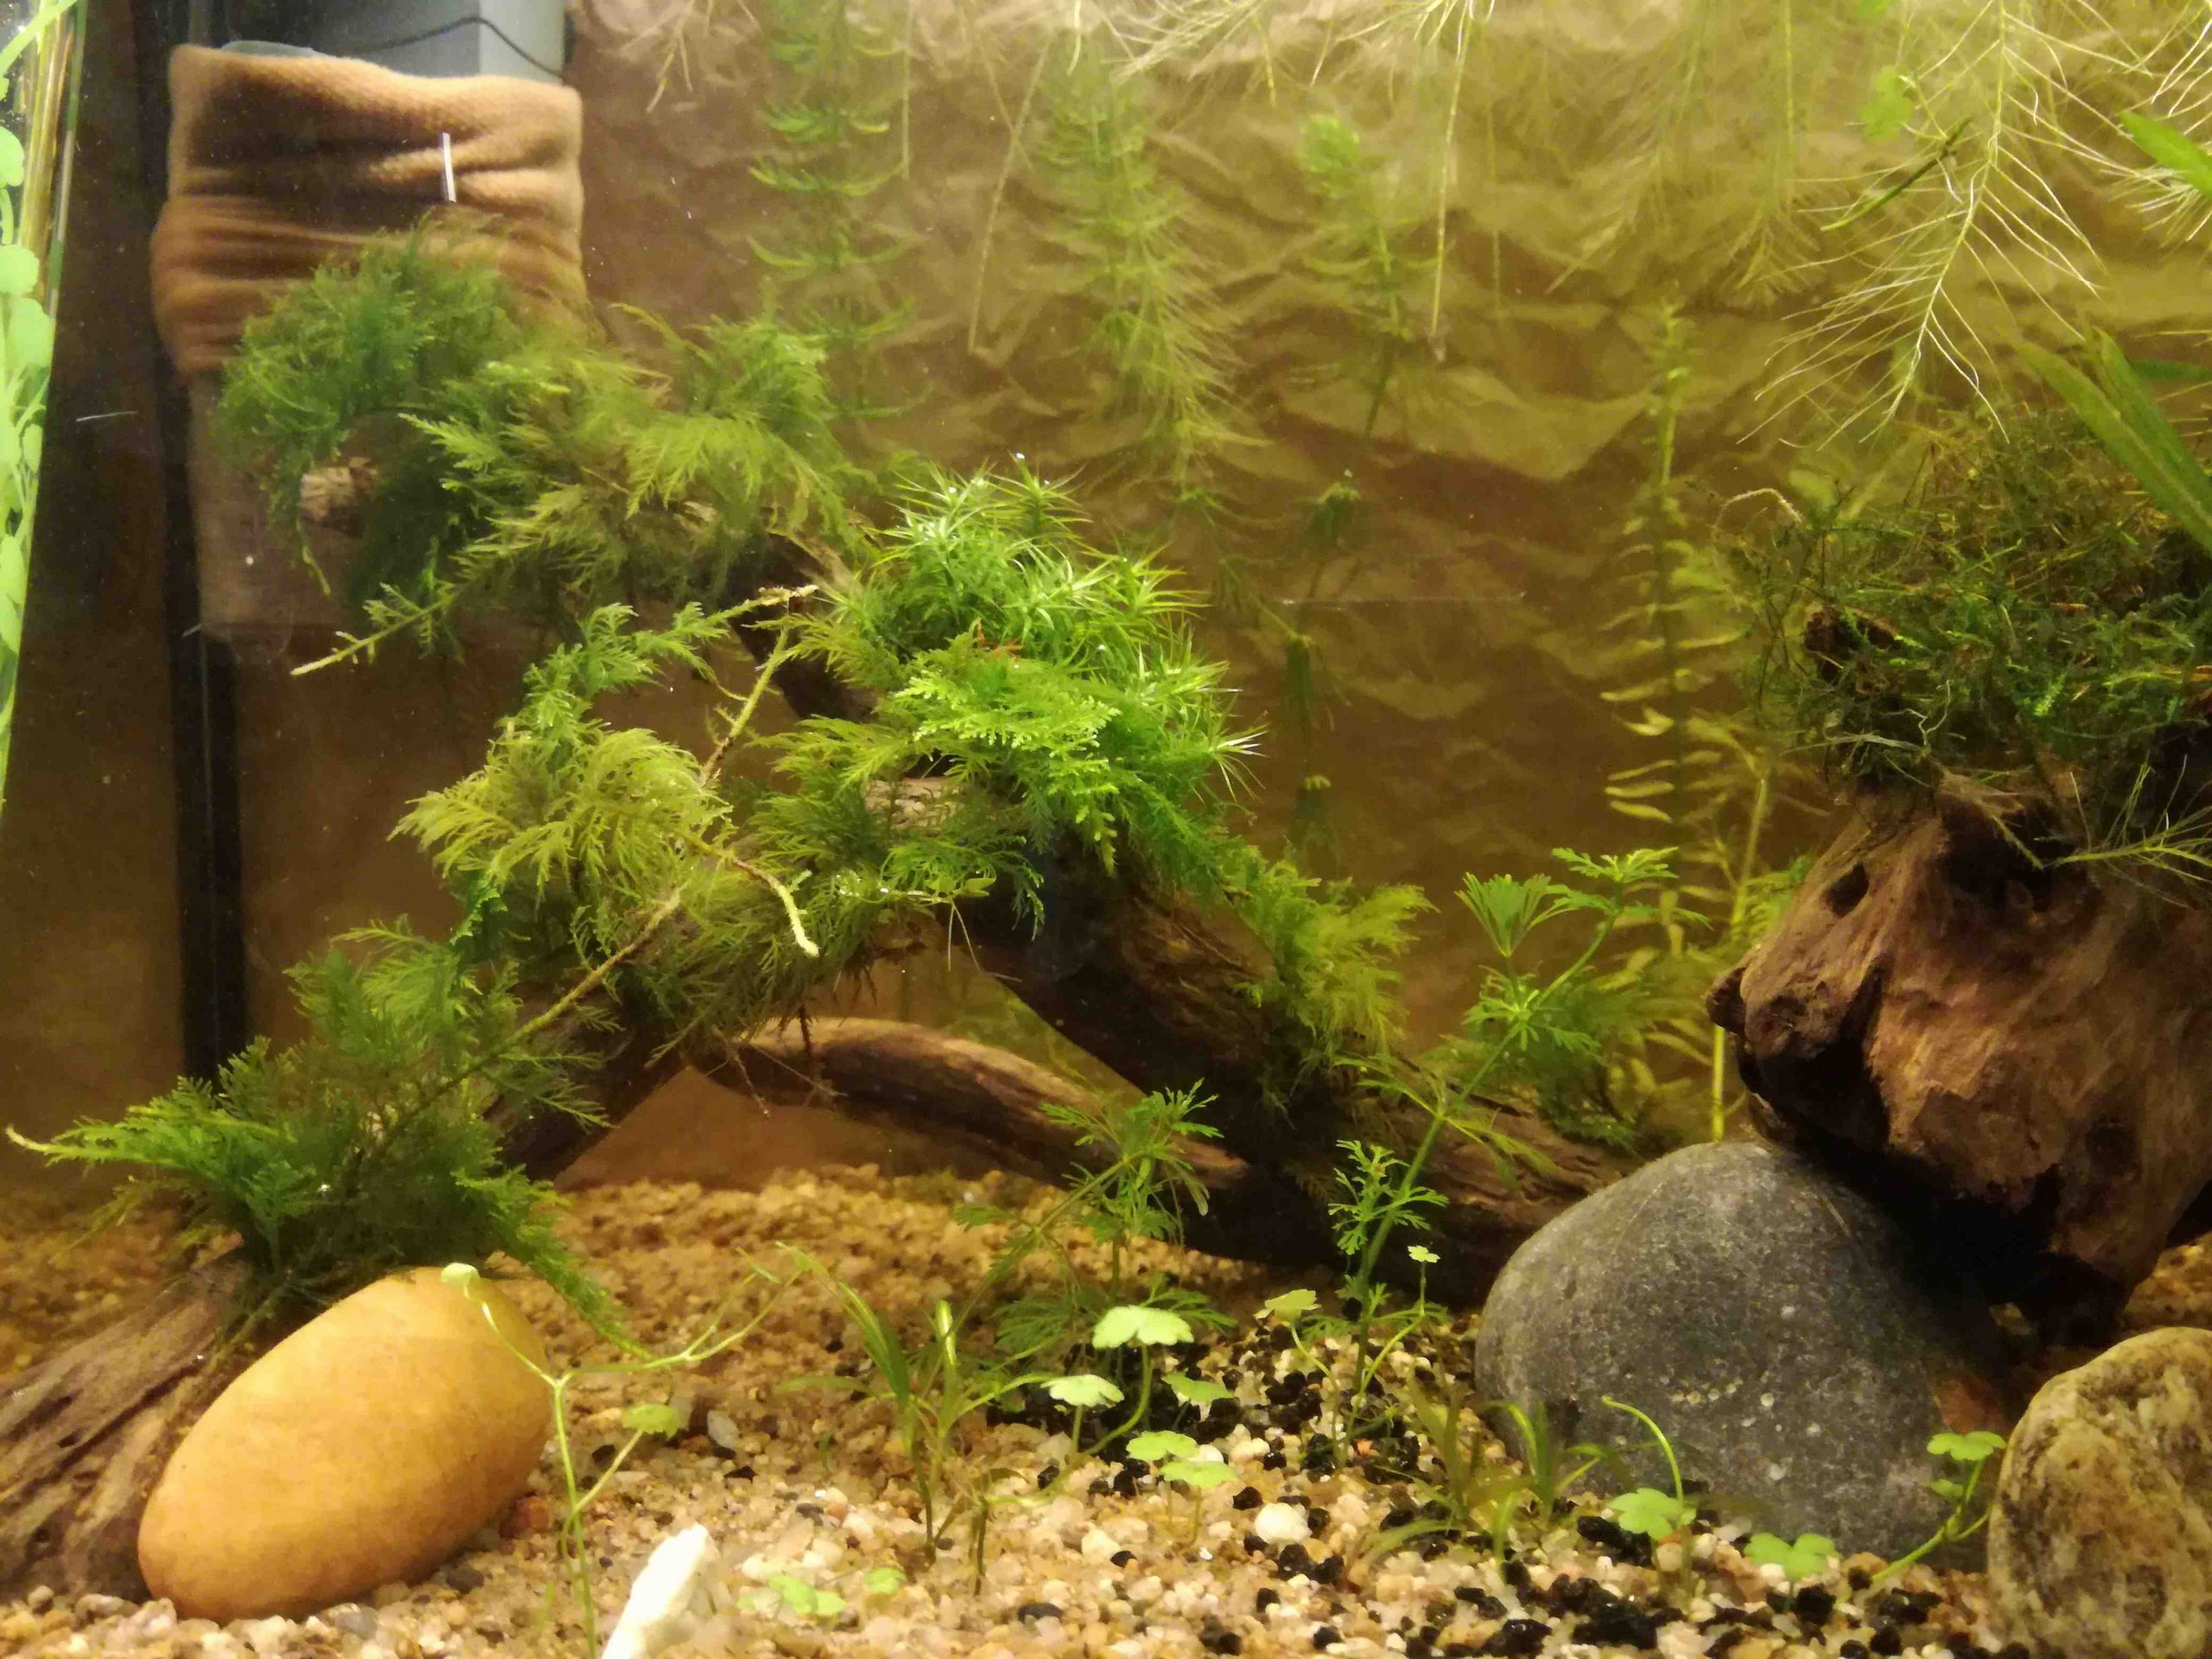 Quelle plante mettre dans un aquarium ?